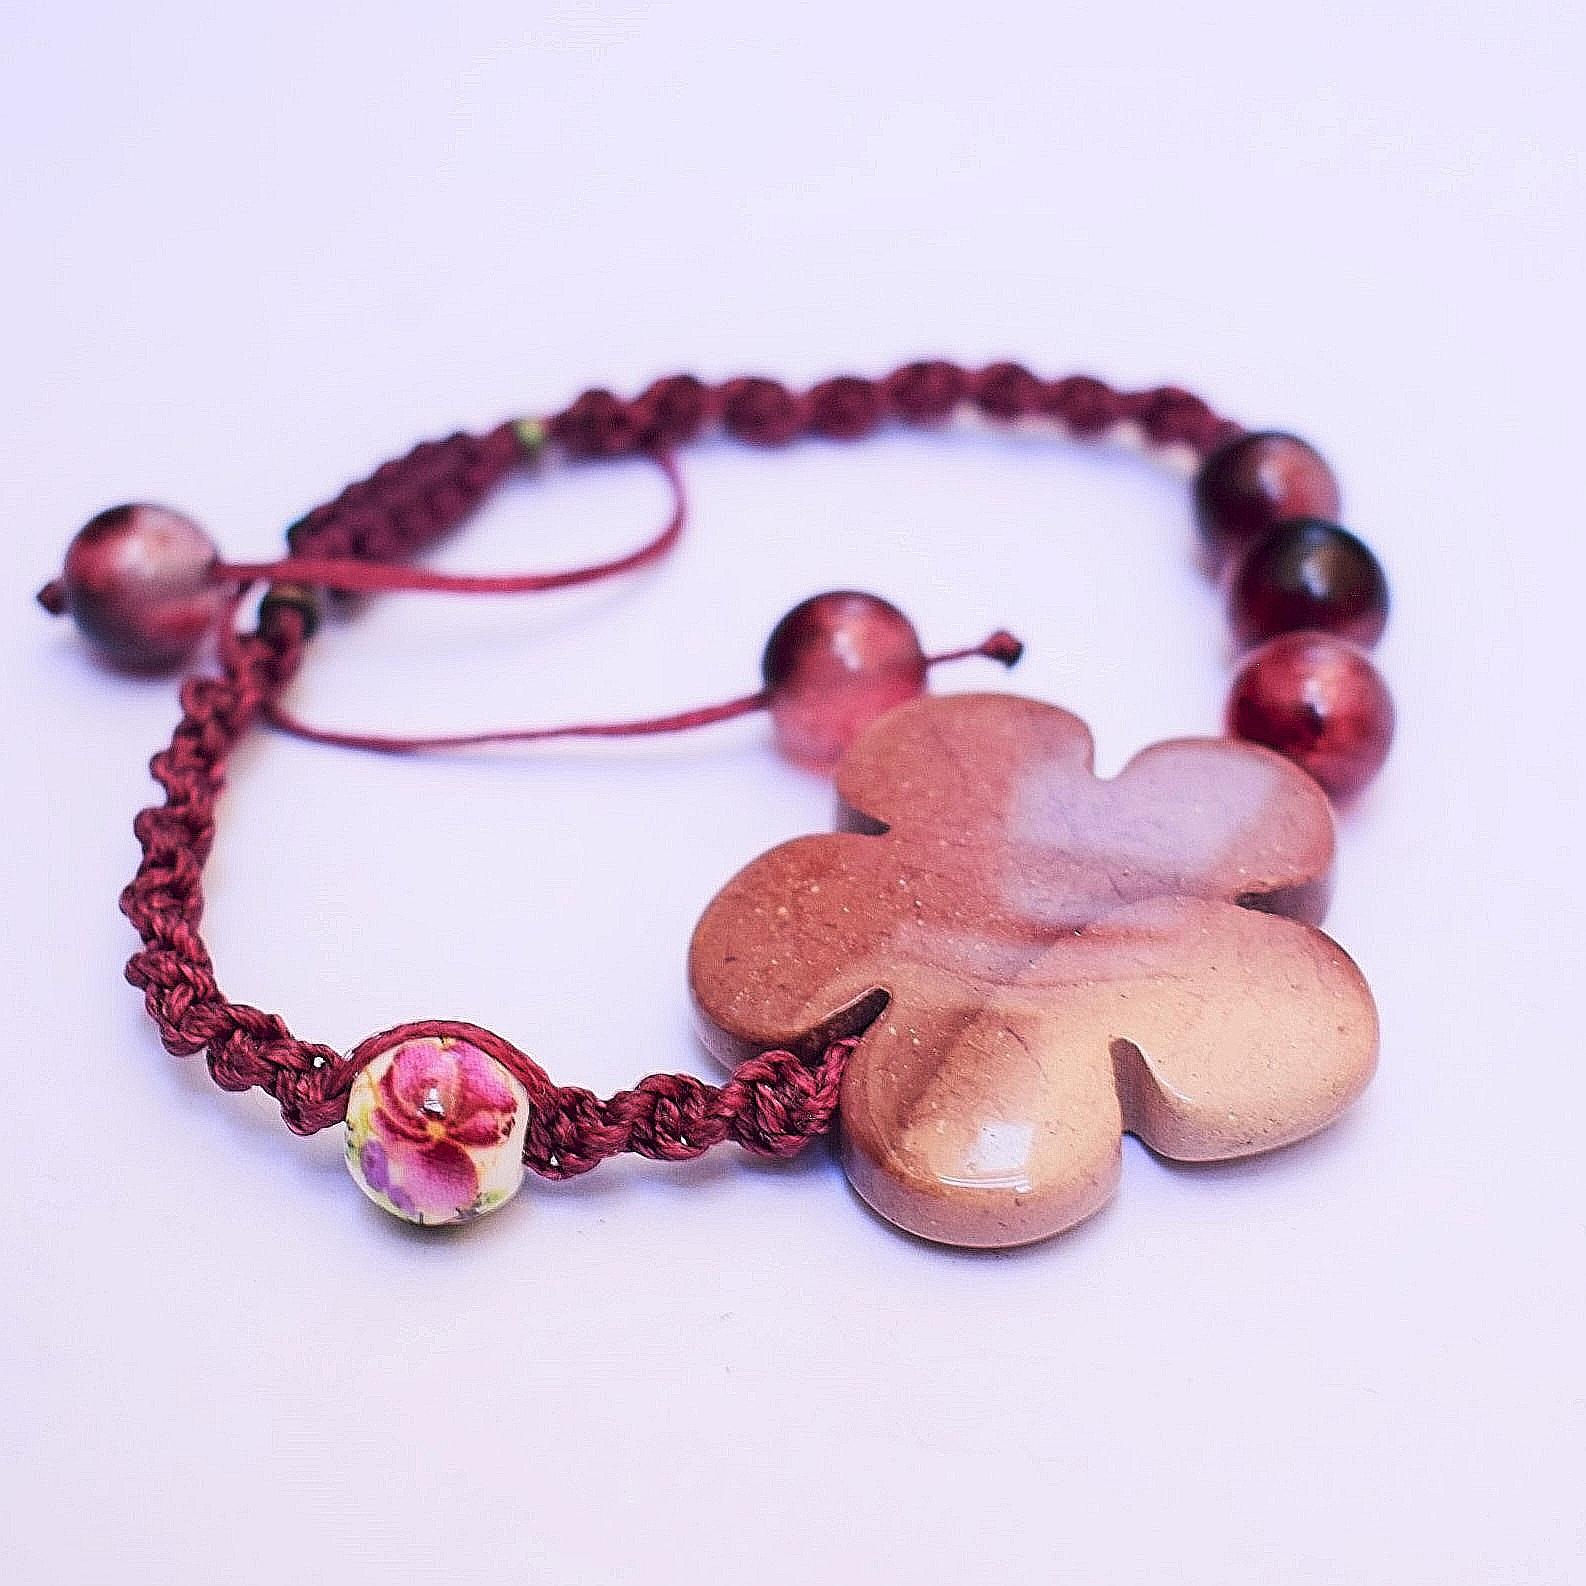 دستبند زنانه مدل سنگ و بافت گل سیب